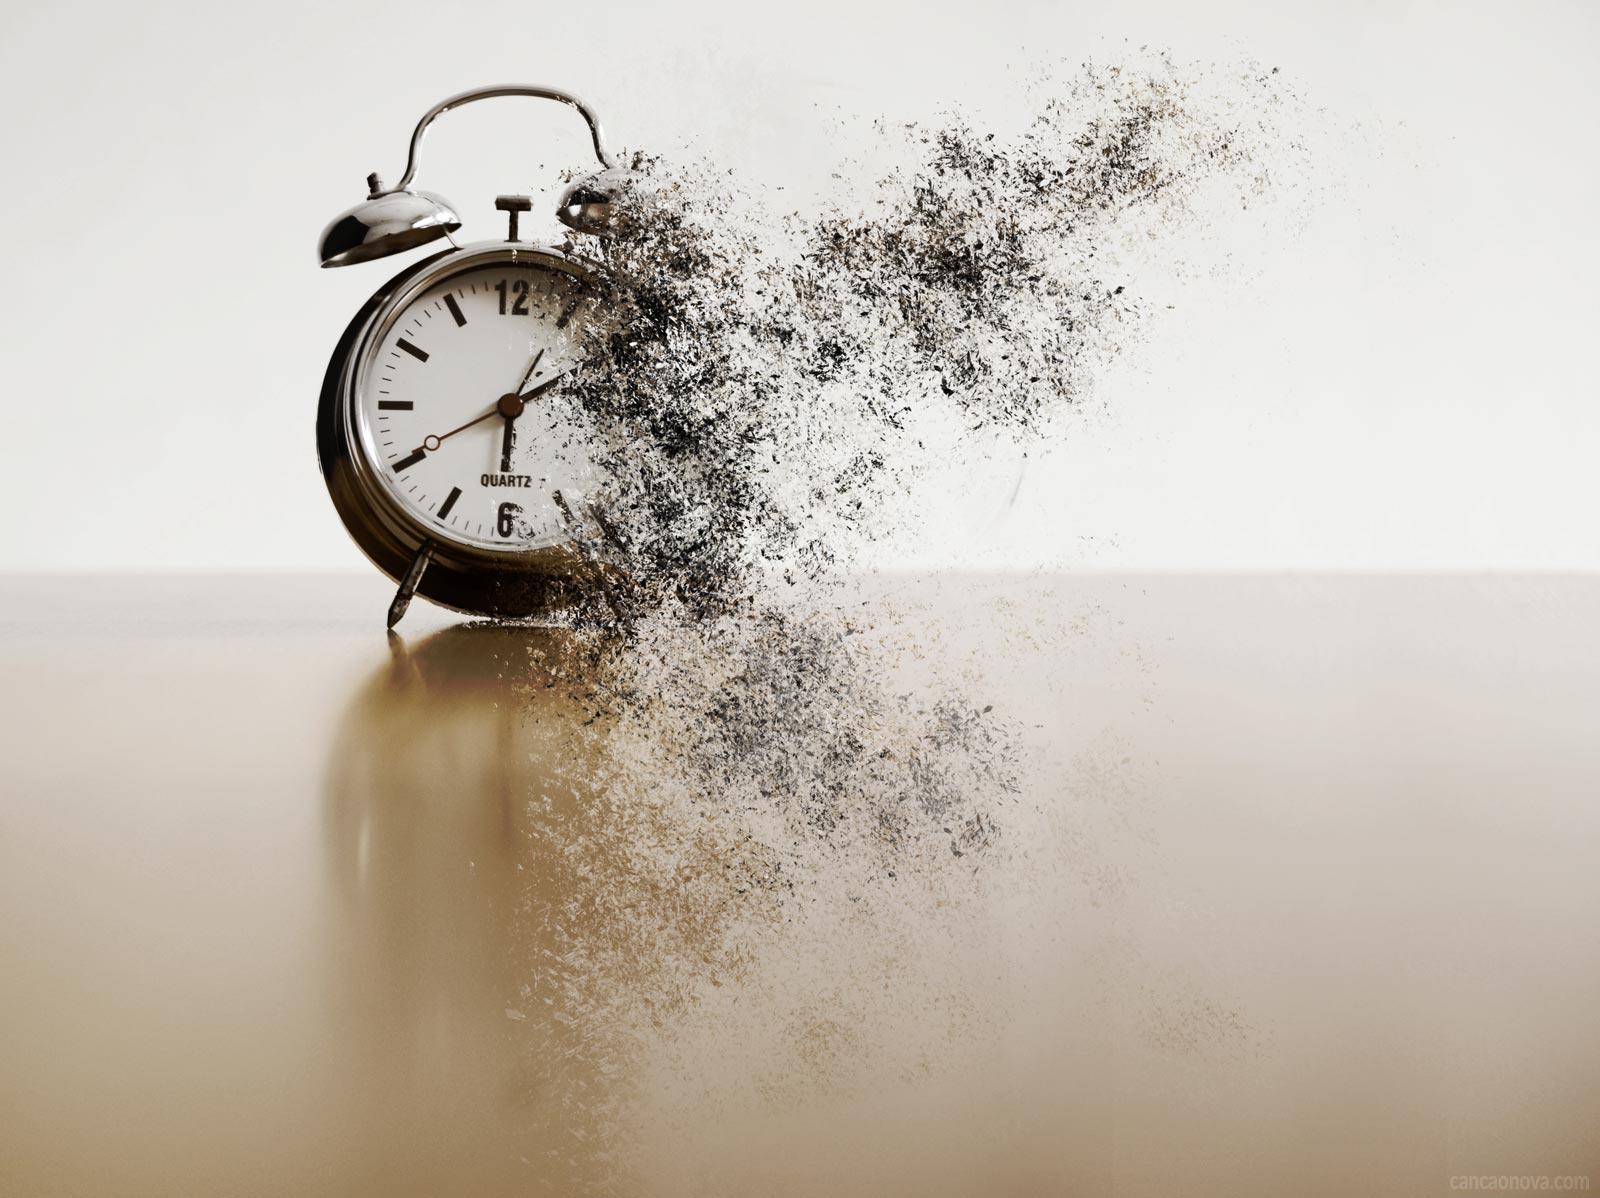 Você já parou para pensar na importância do tempo?